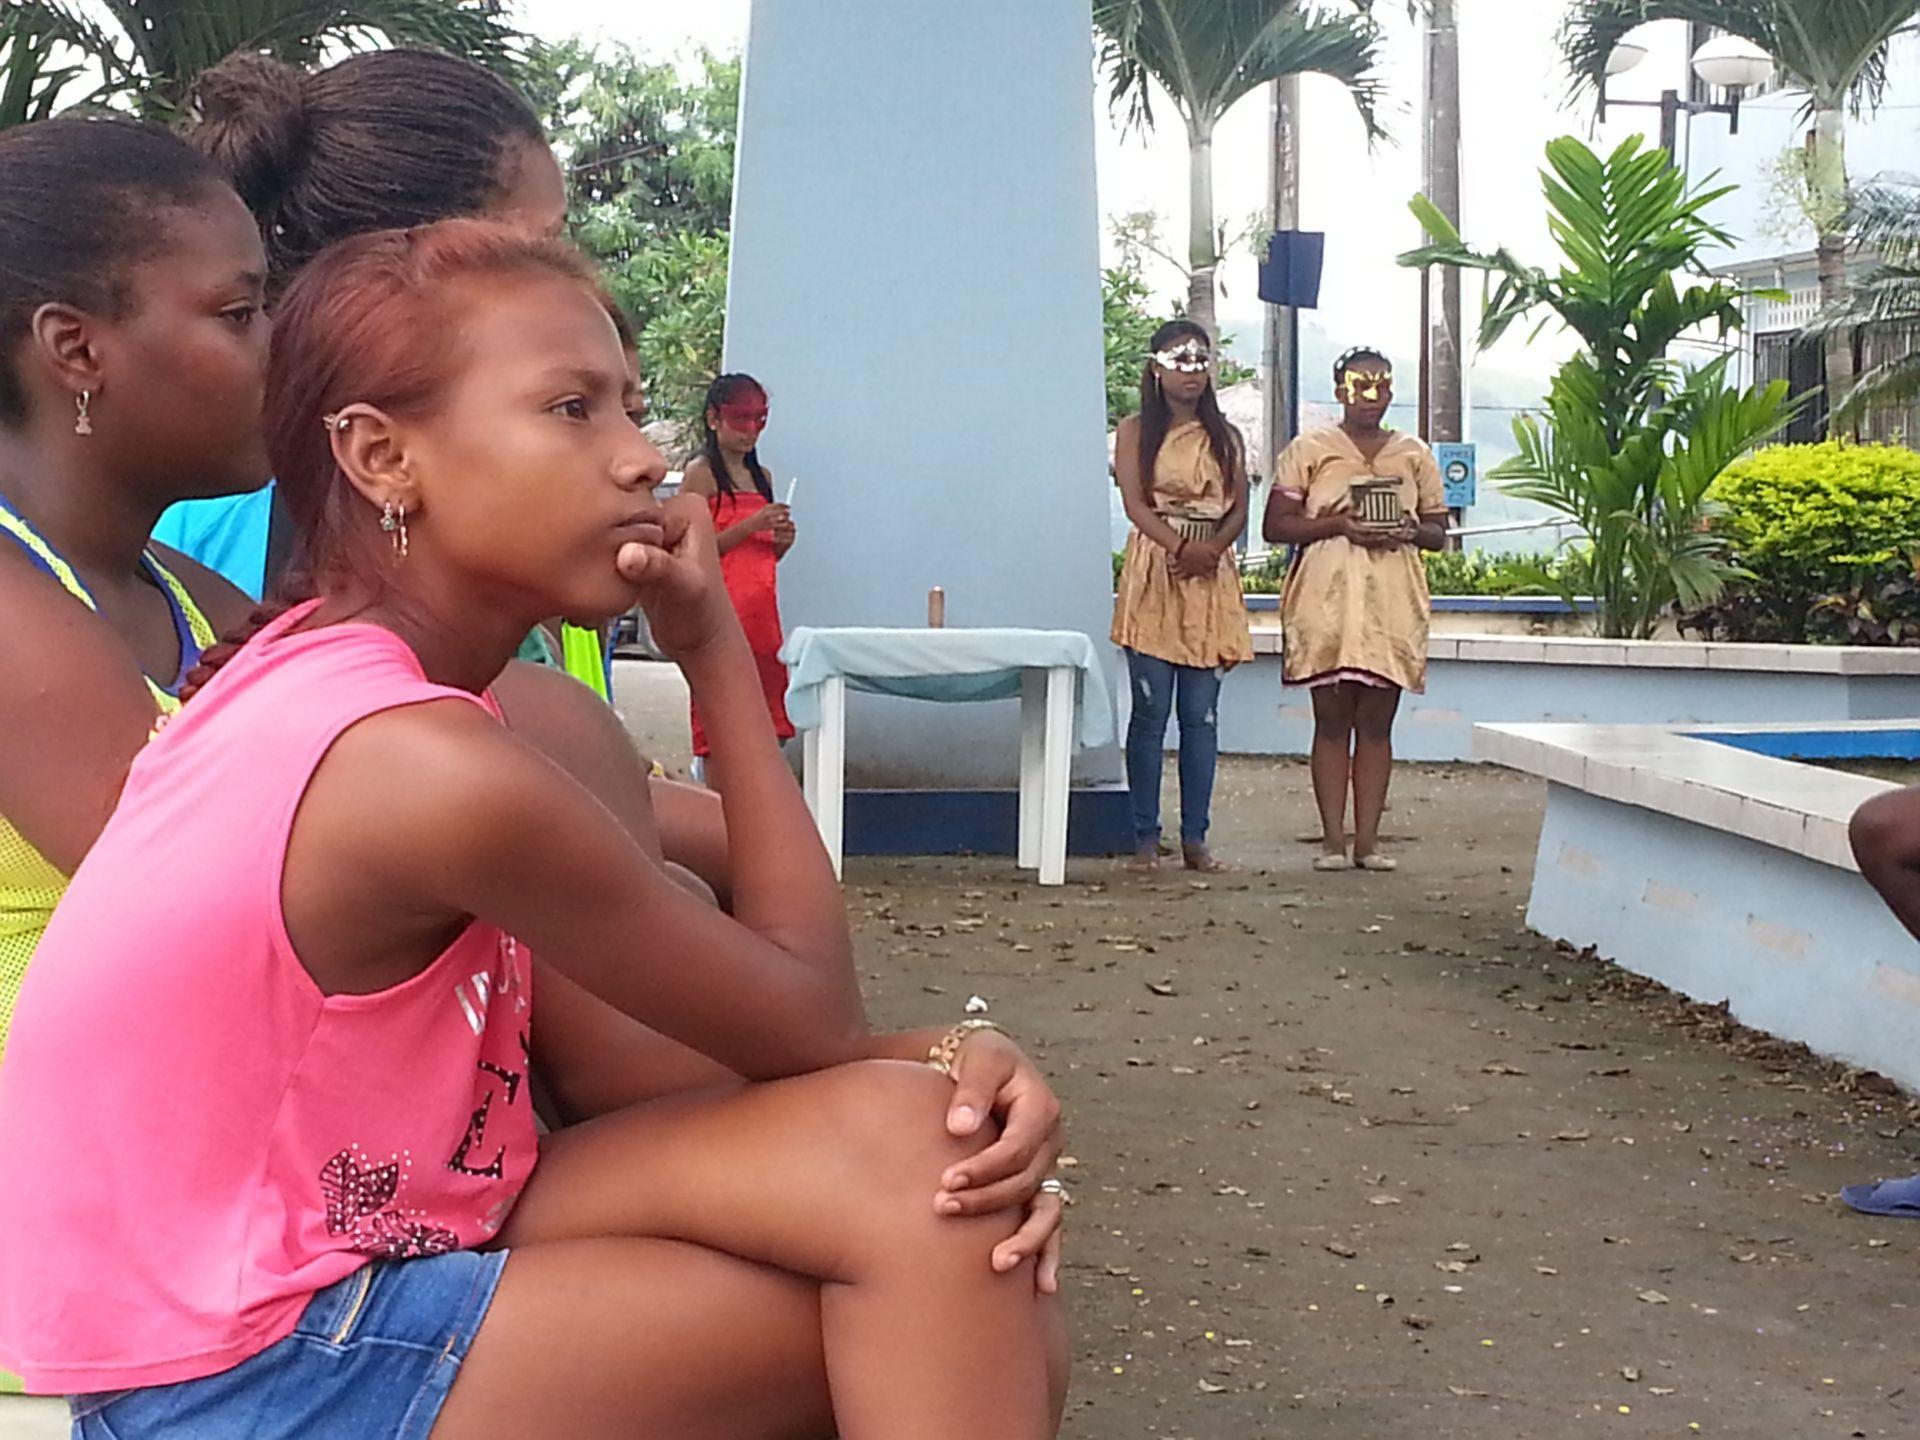 Fútbol para alejarse de la violencia. La experiencia de los jóvenes promotores de paz en Ecuador